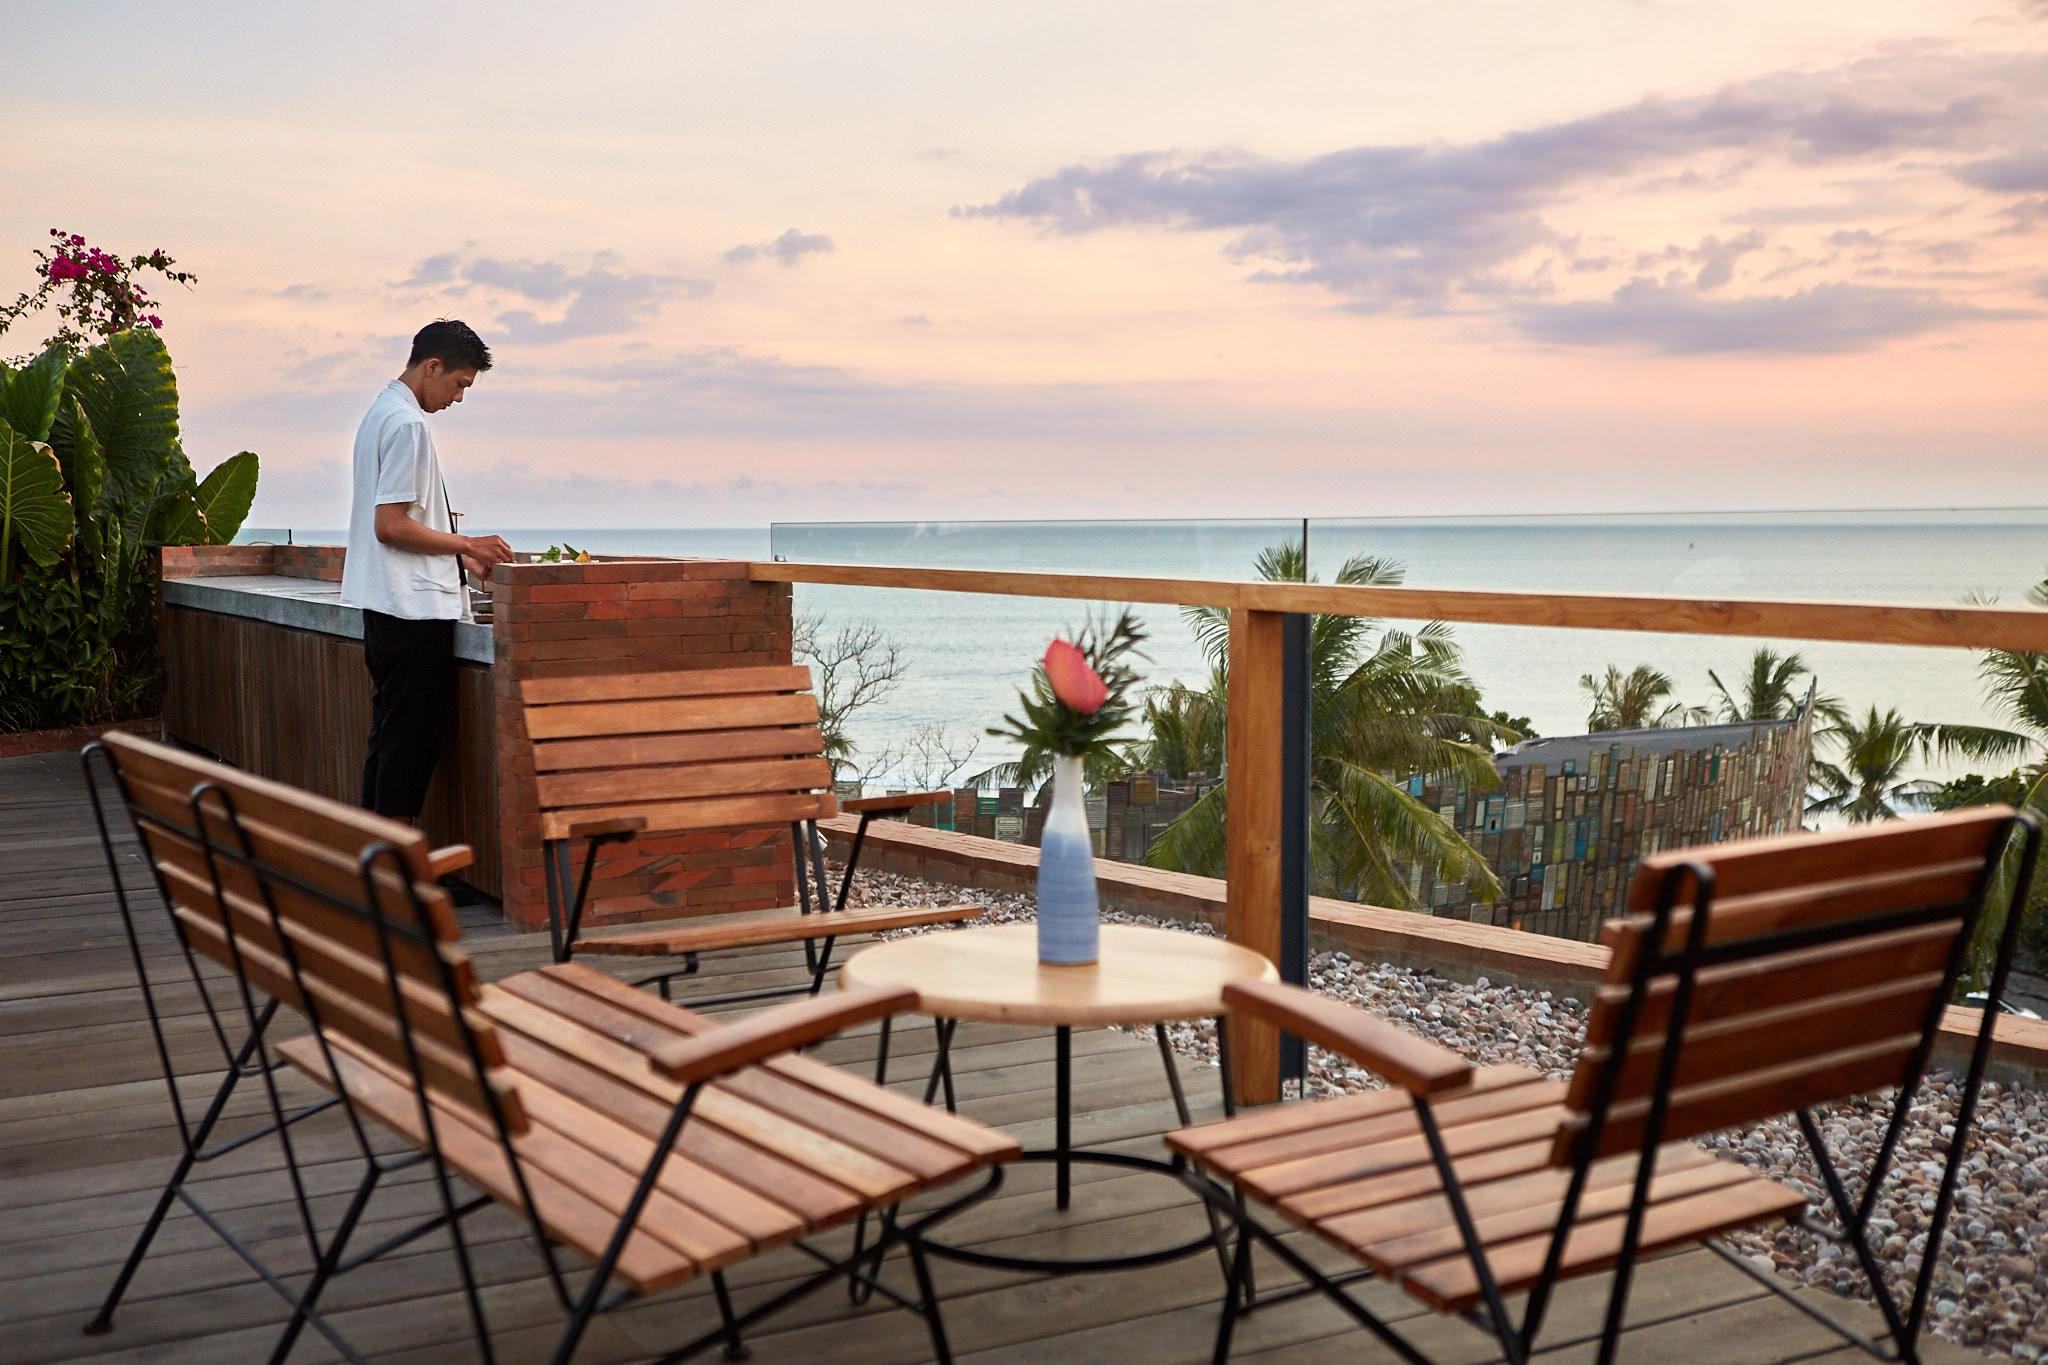 Katamama Hotel, Bali